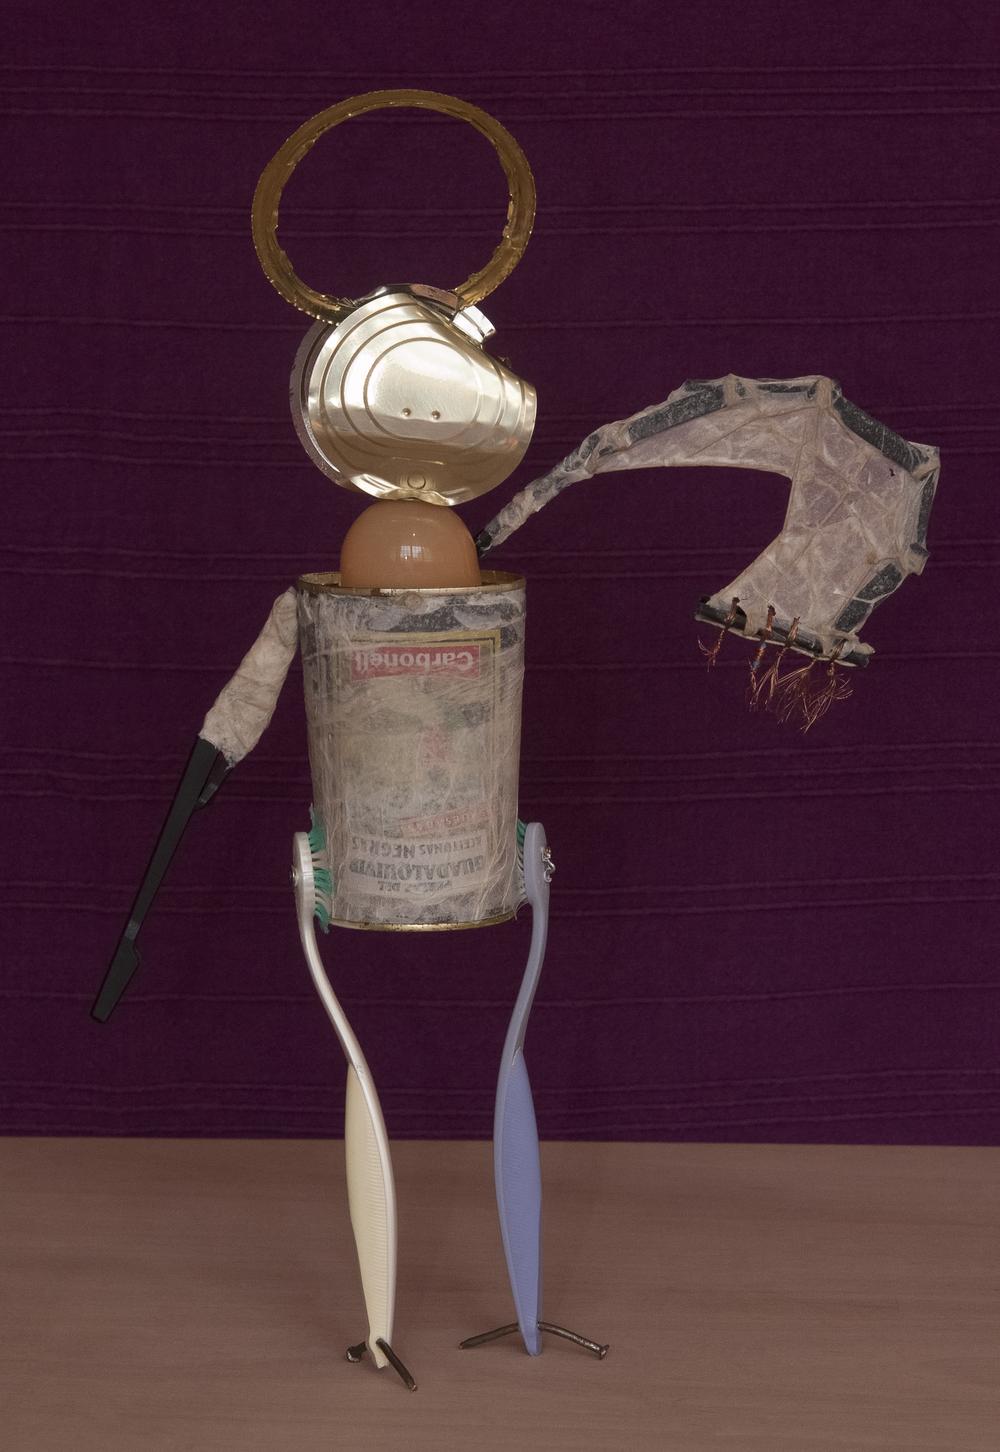 Ladislau da Regueira | Espaciand'o Tempo | Anjo da Anunciação (2004)